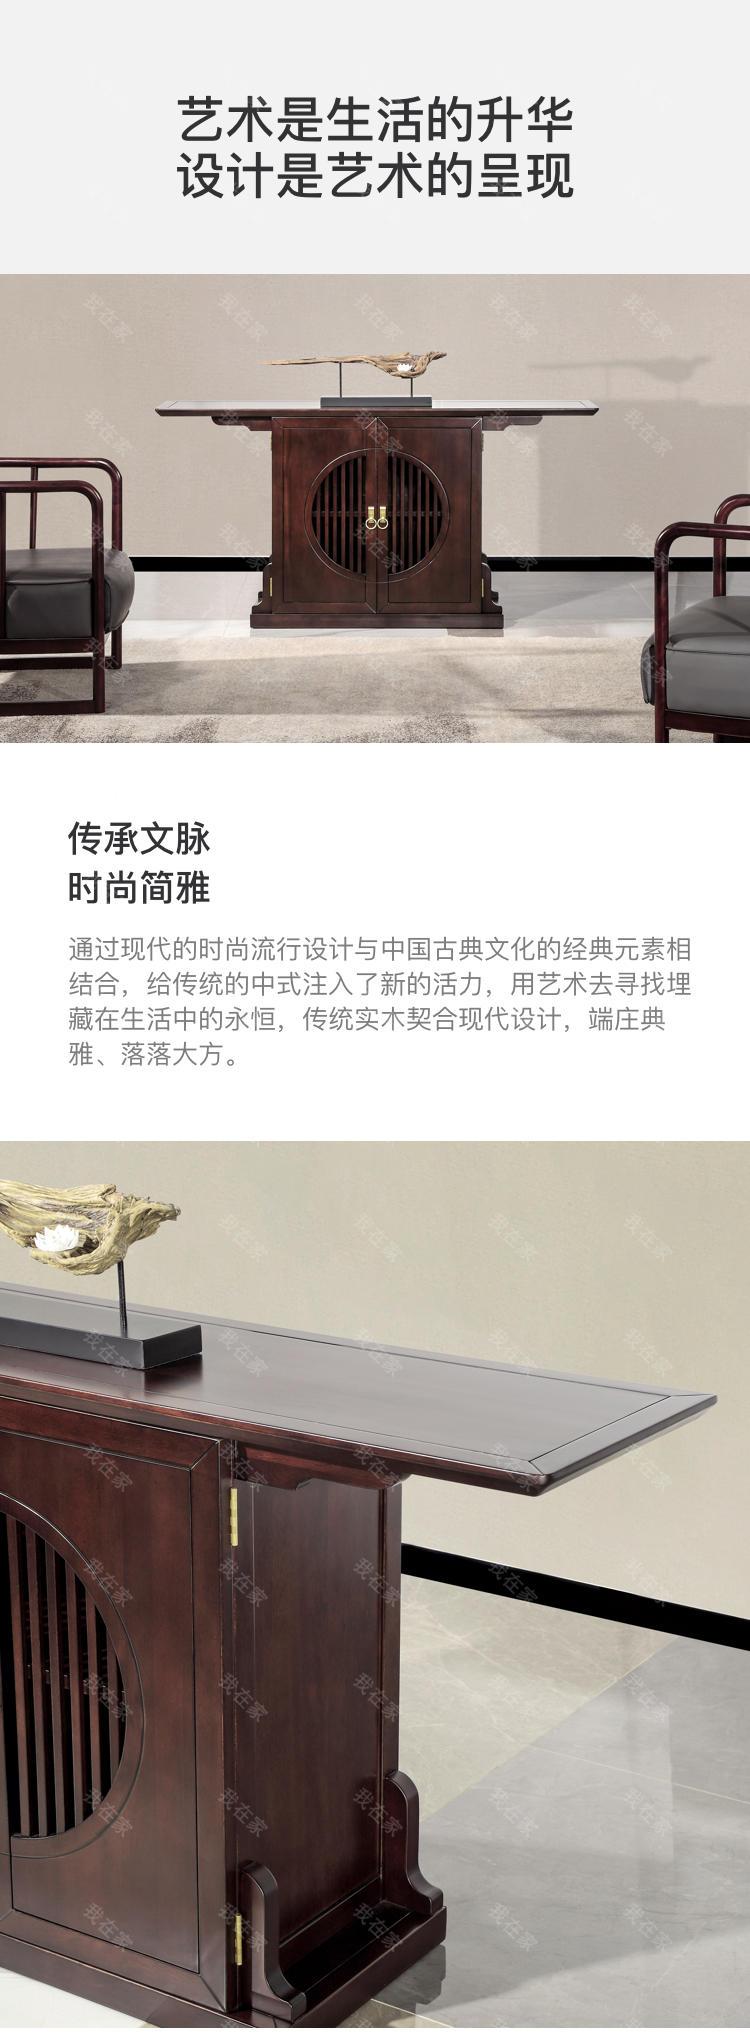 写意东方品牌疏影玄关的详细介绍